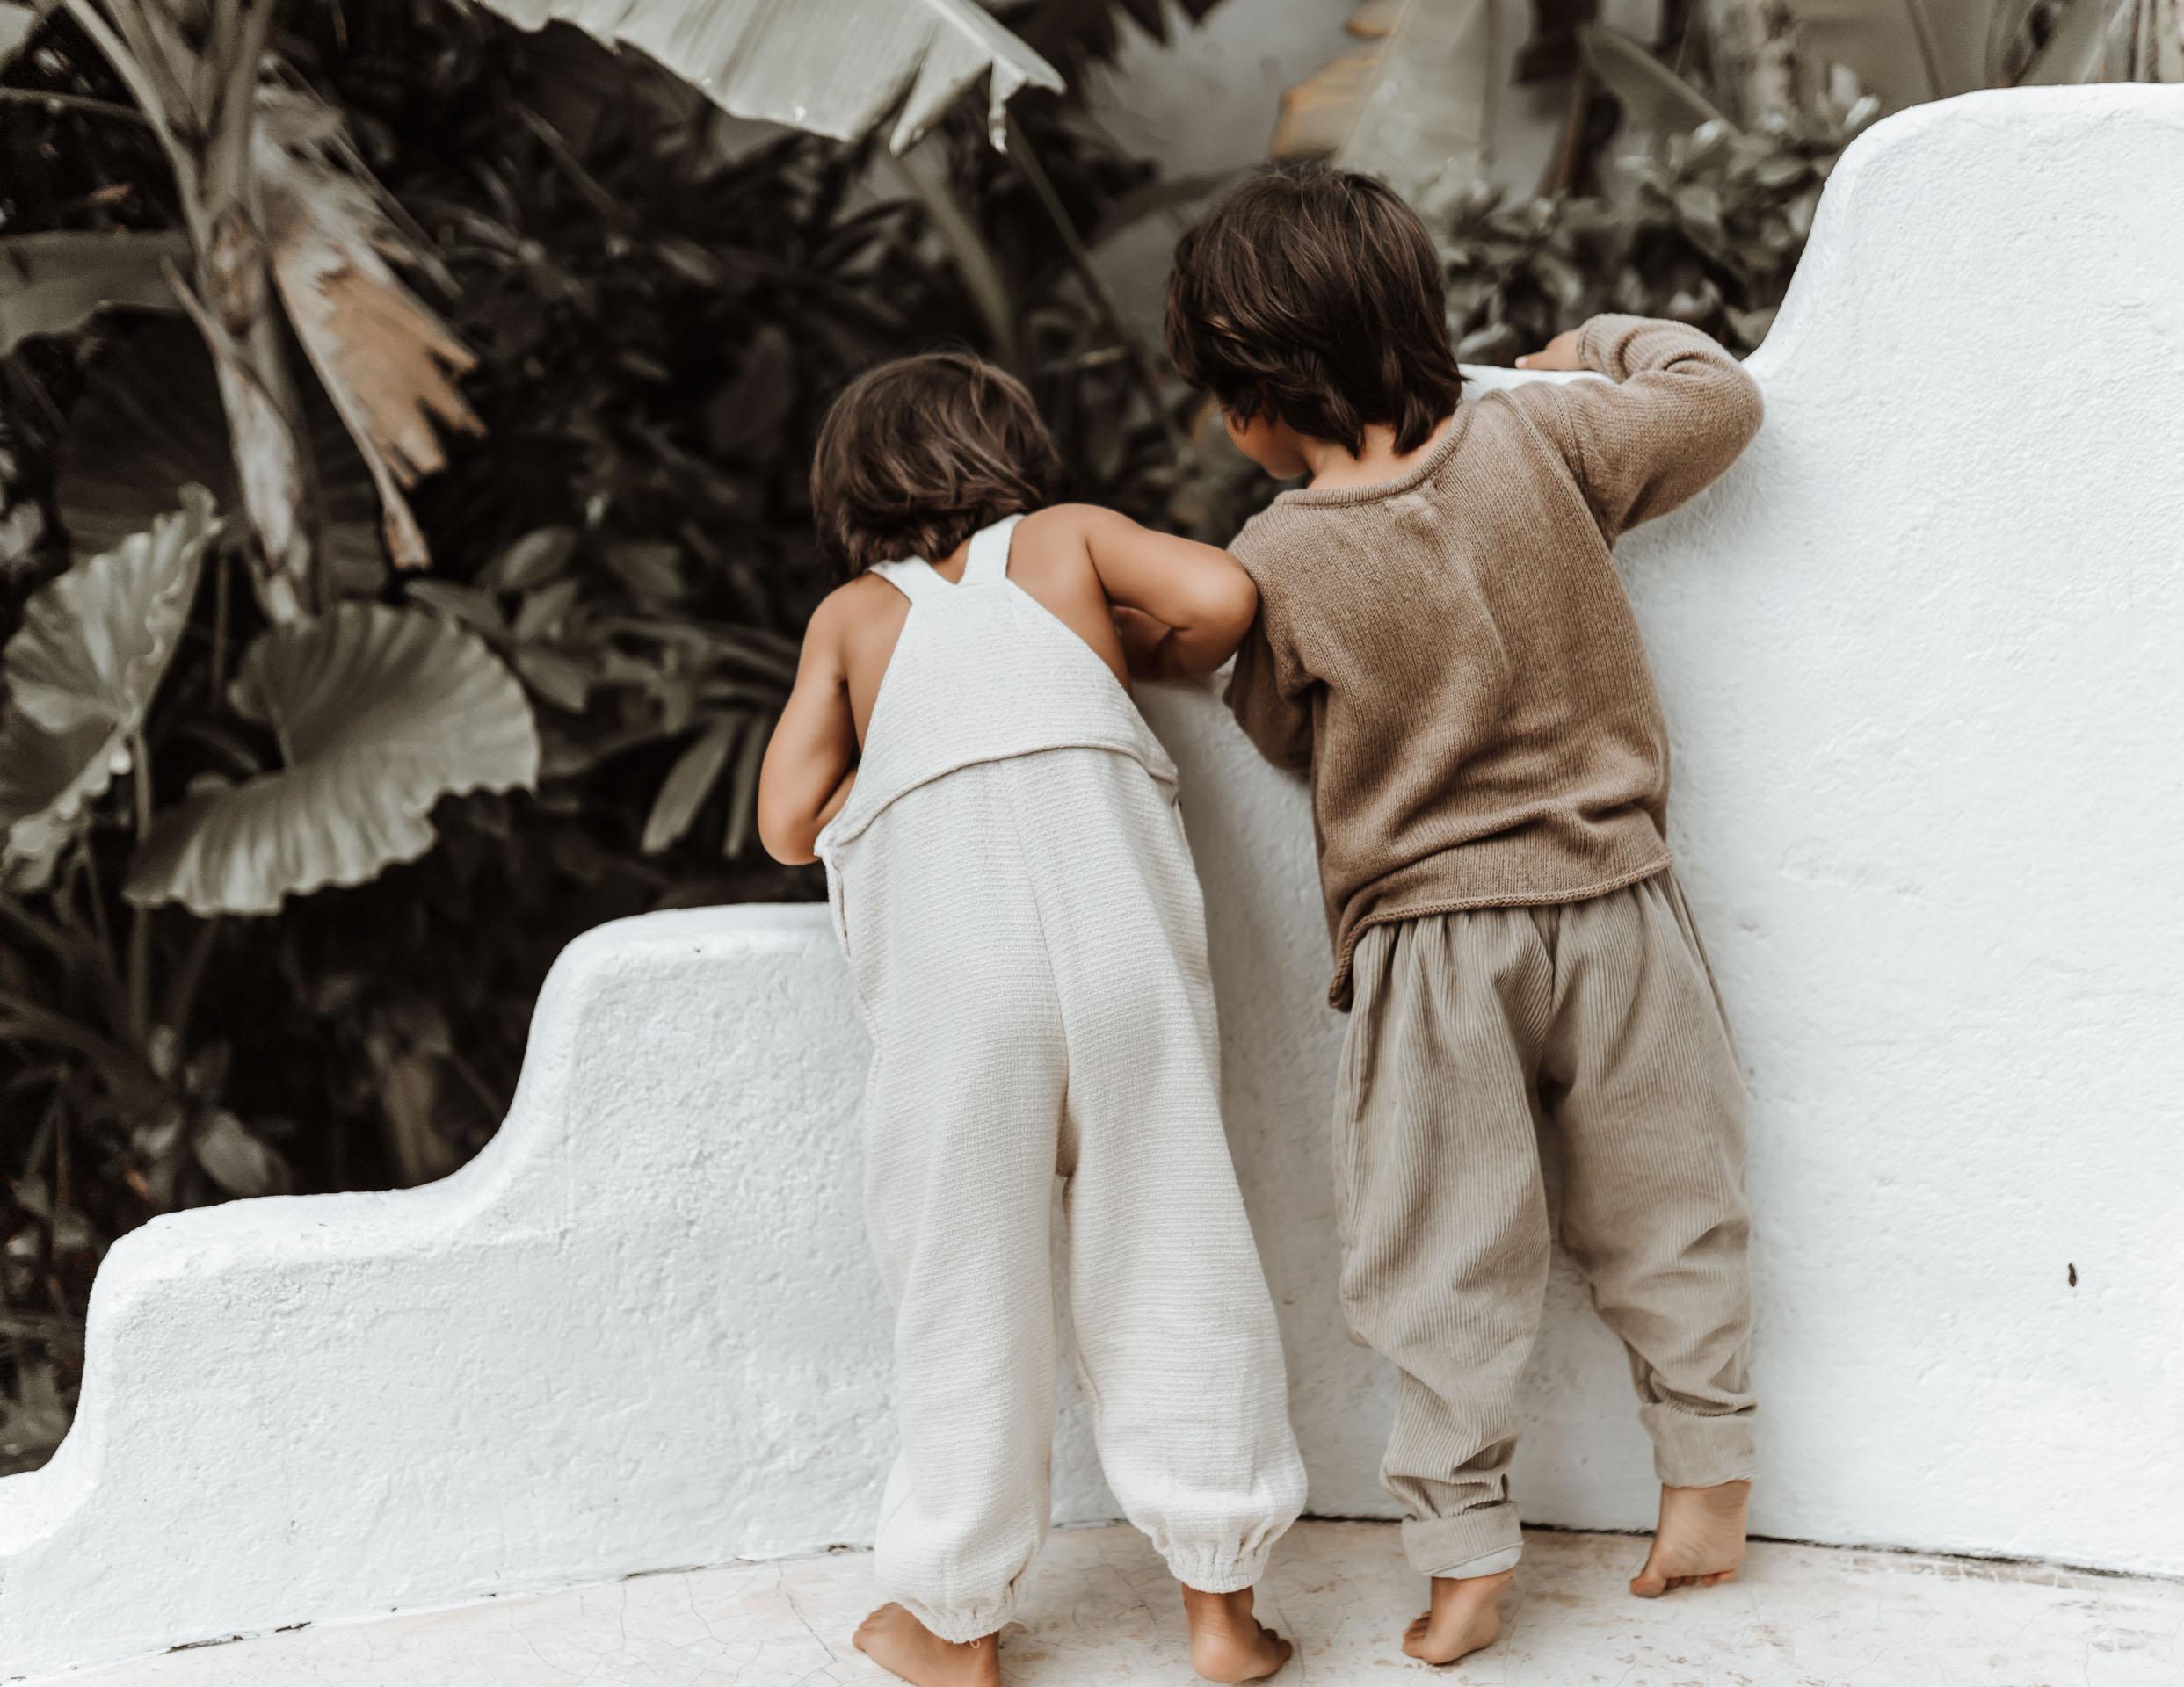 keira-mason-illoura-the-label-boys-searching-in-garden.jpg